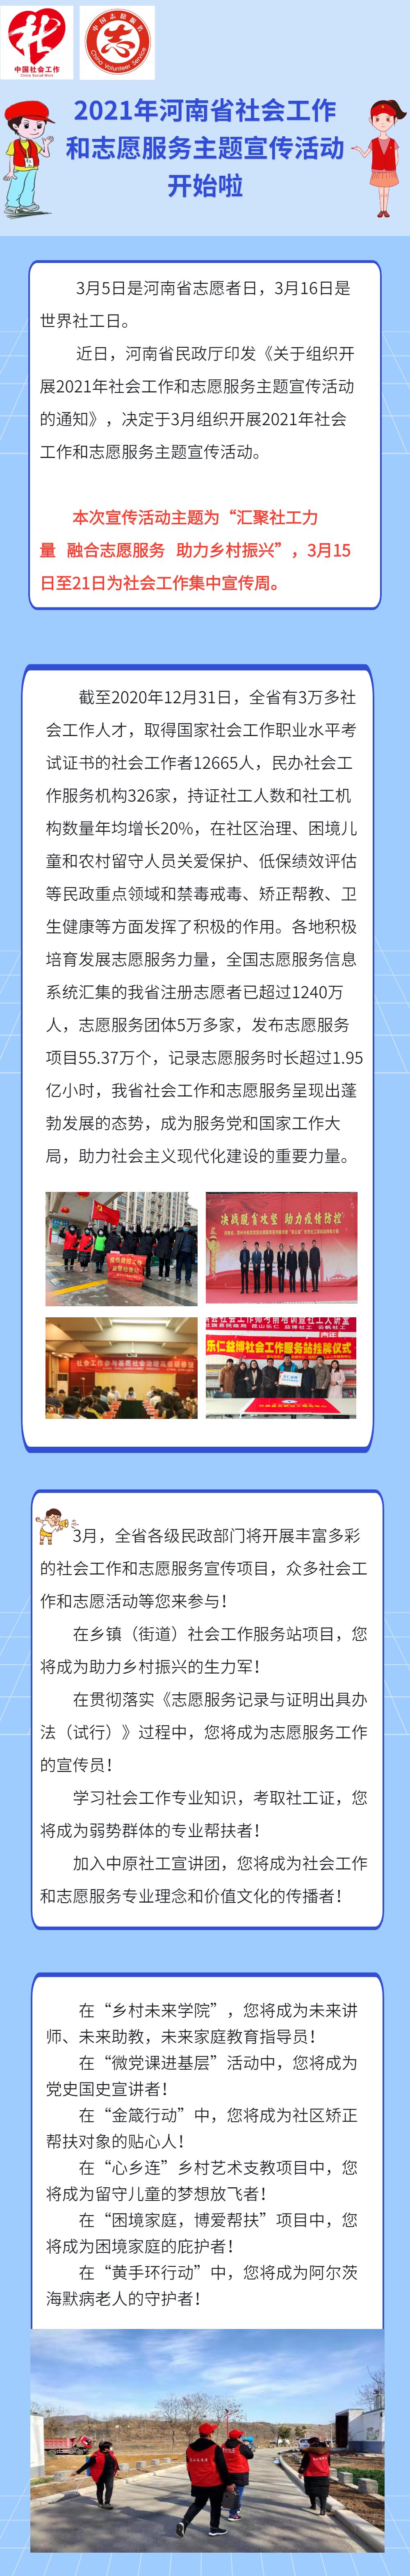 【图解】2021年河南省社会工作和志愿服务主题宣传活动开始啦